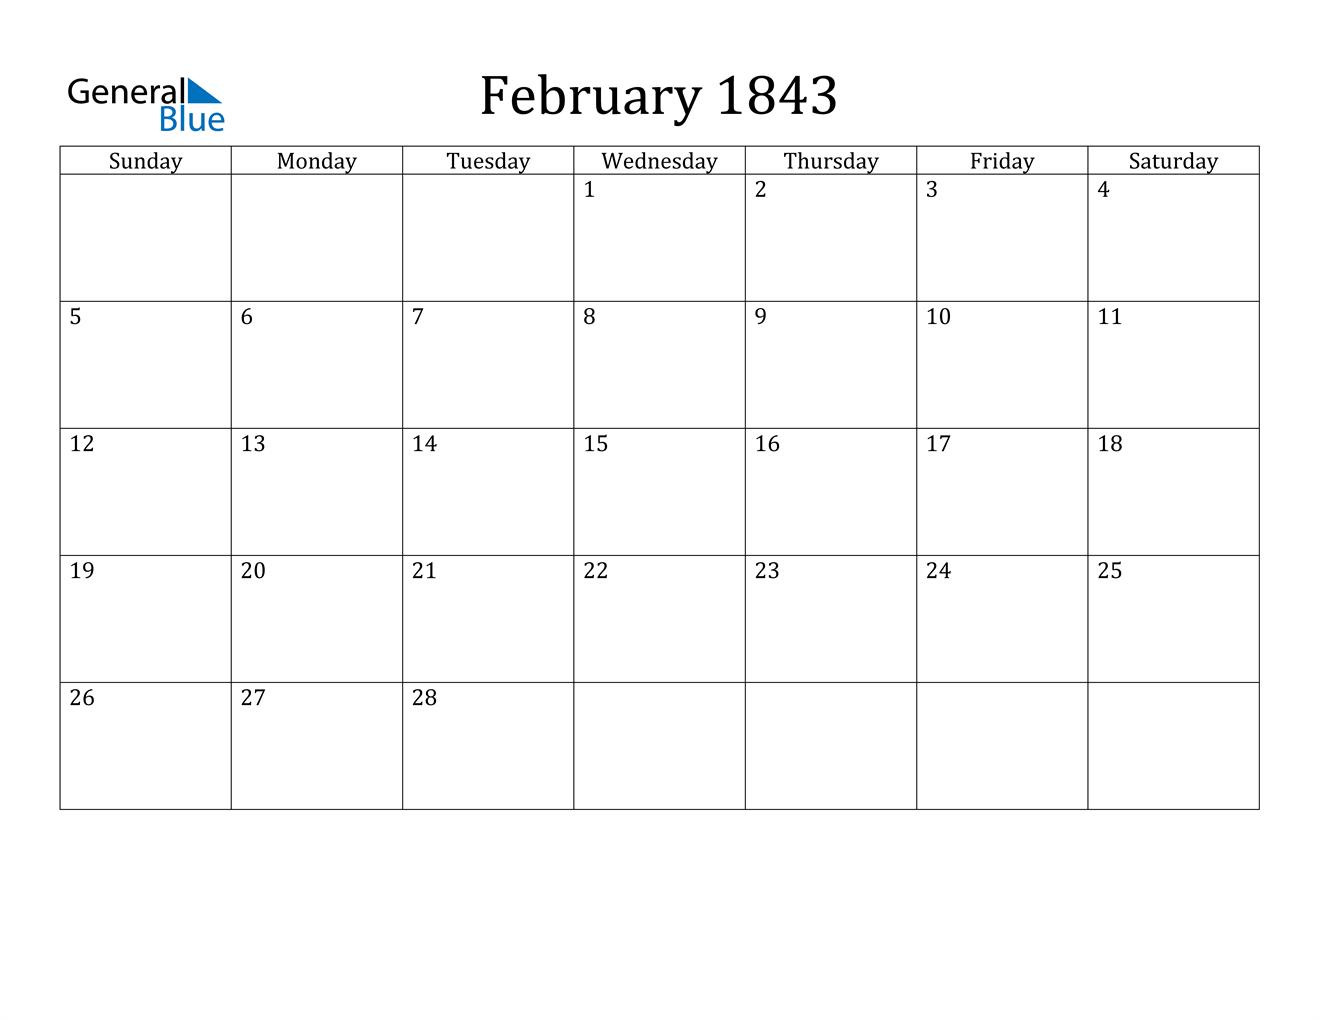 Image of February 1843 Calendar